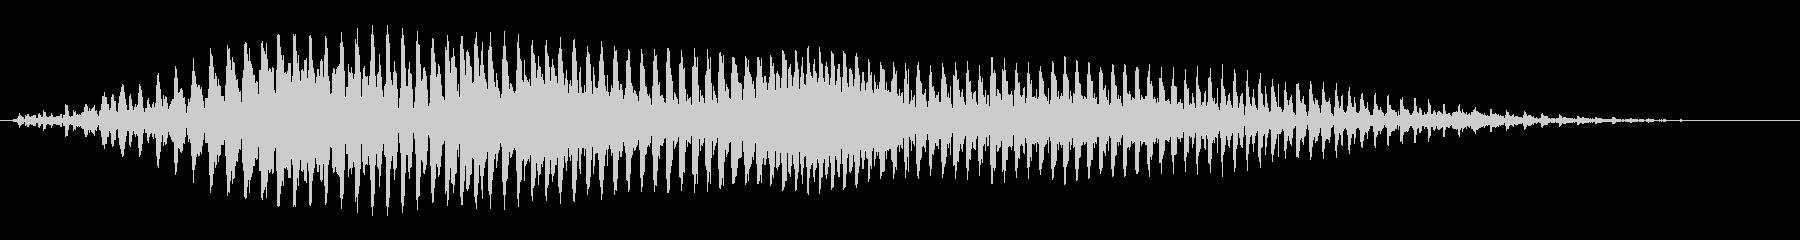 モーッ(牛の鳴き声)の未再生の波形